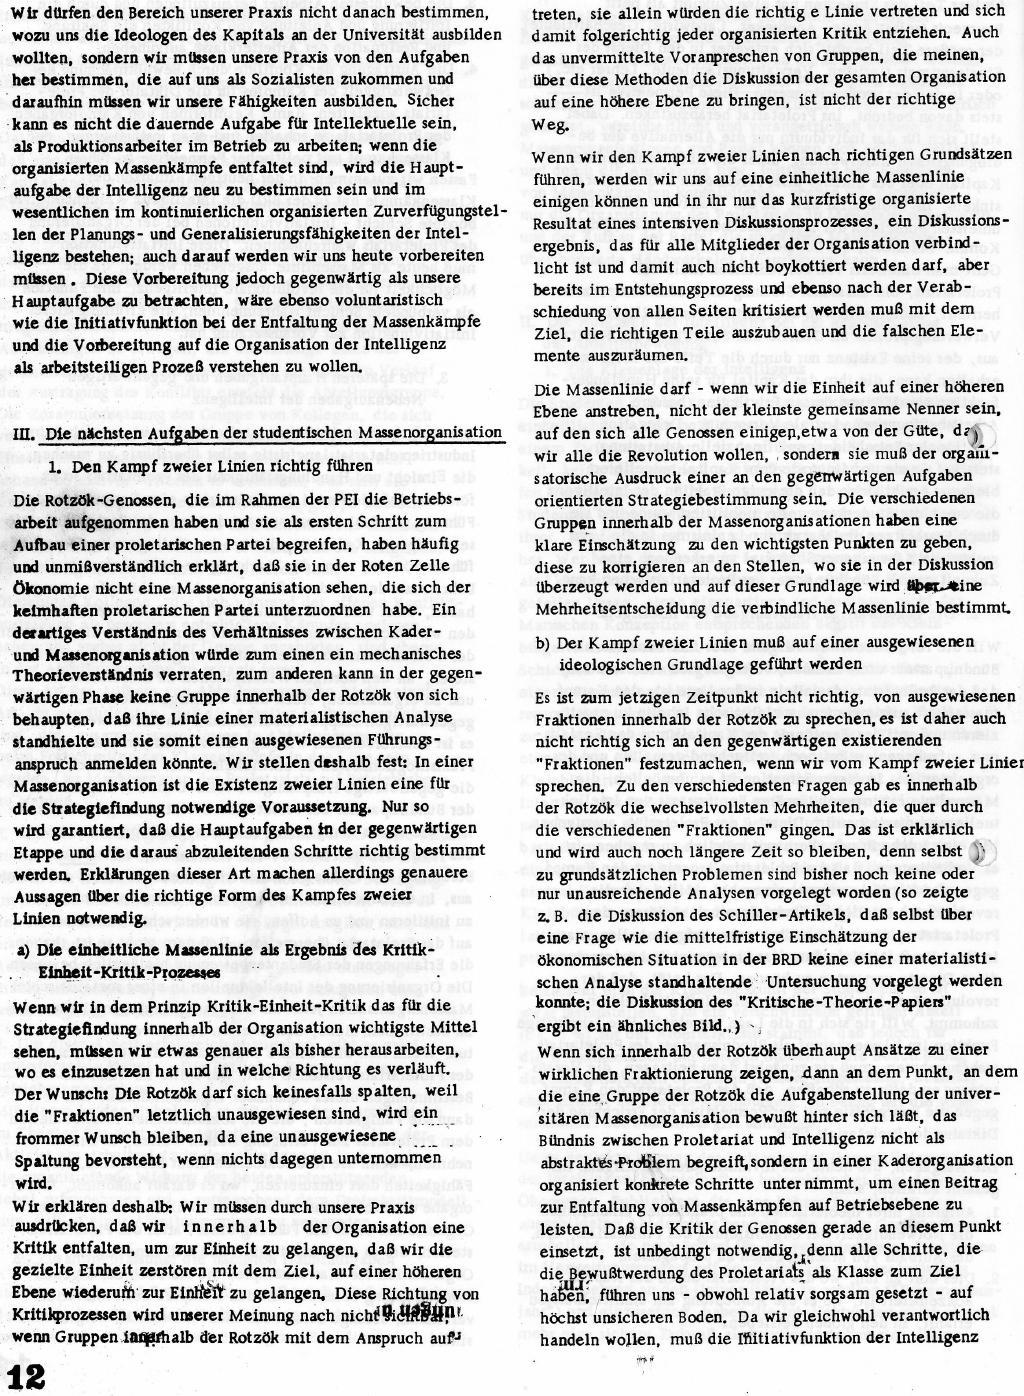 RPK_1970_076_077_12